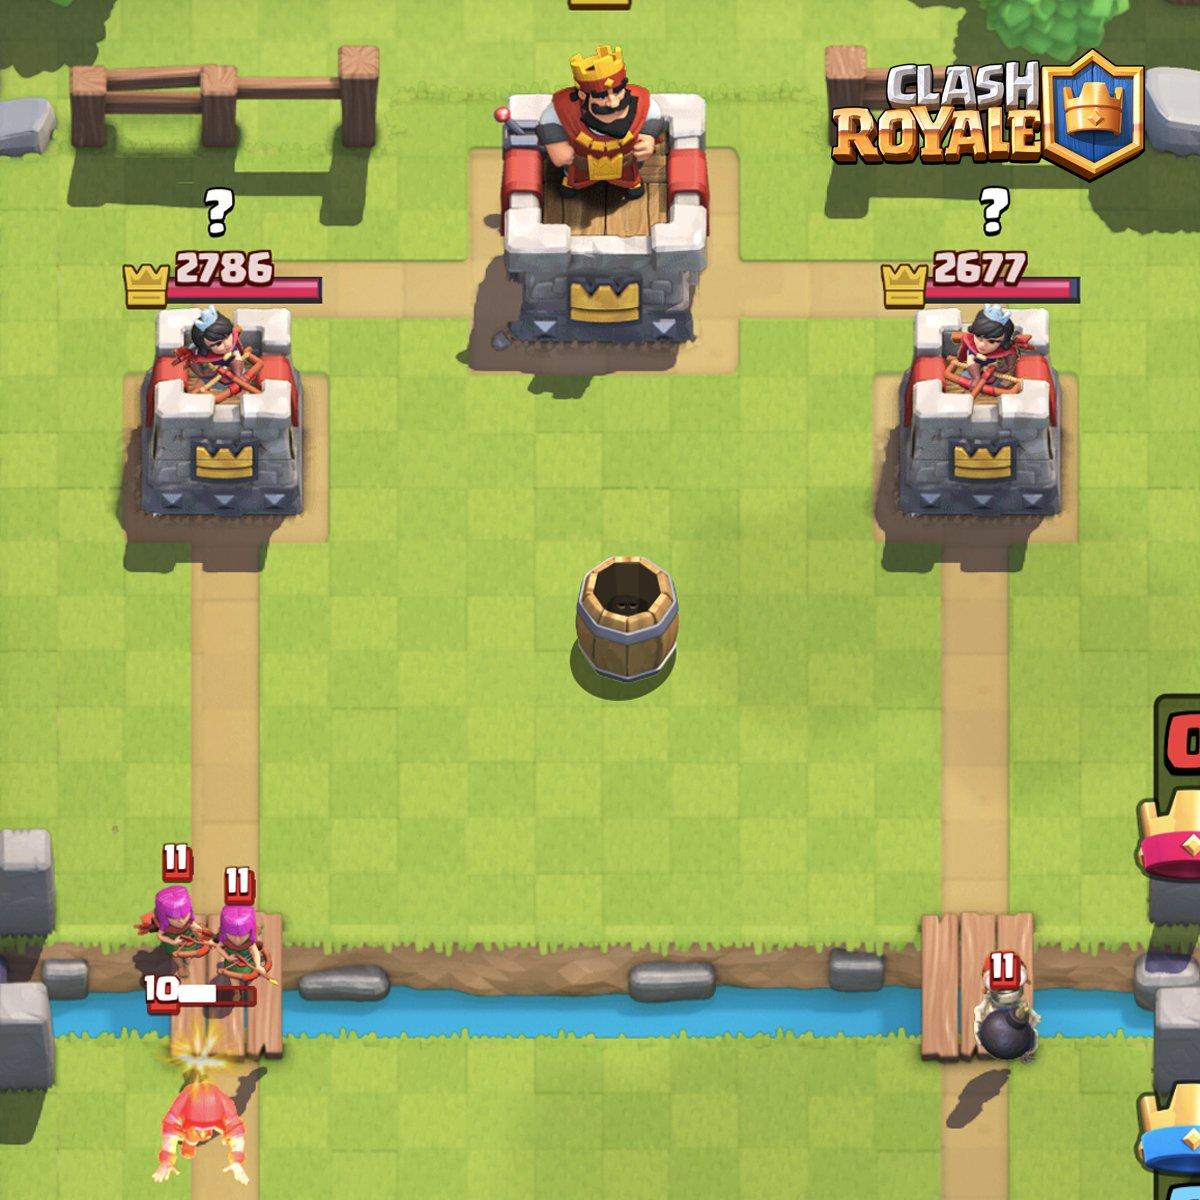 Notre avis sur le jeu Clash Royale